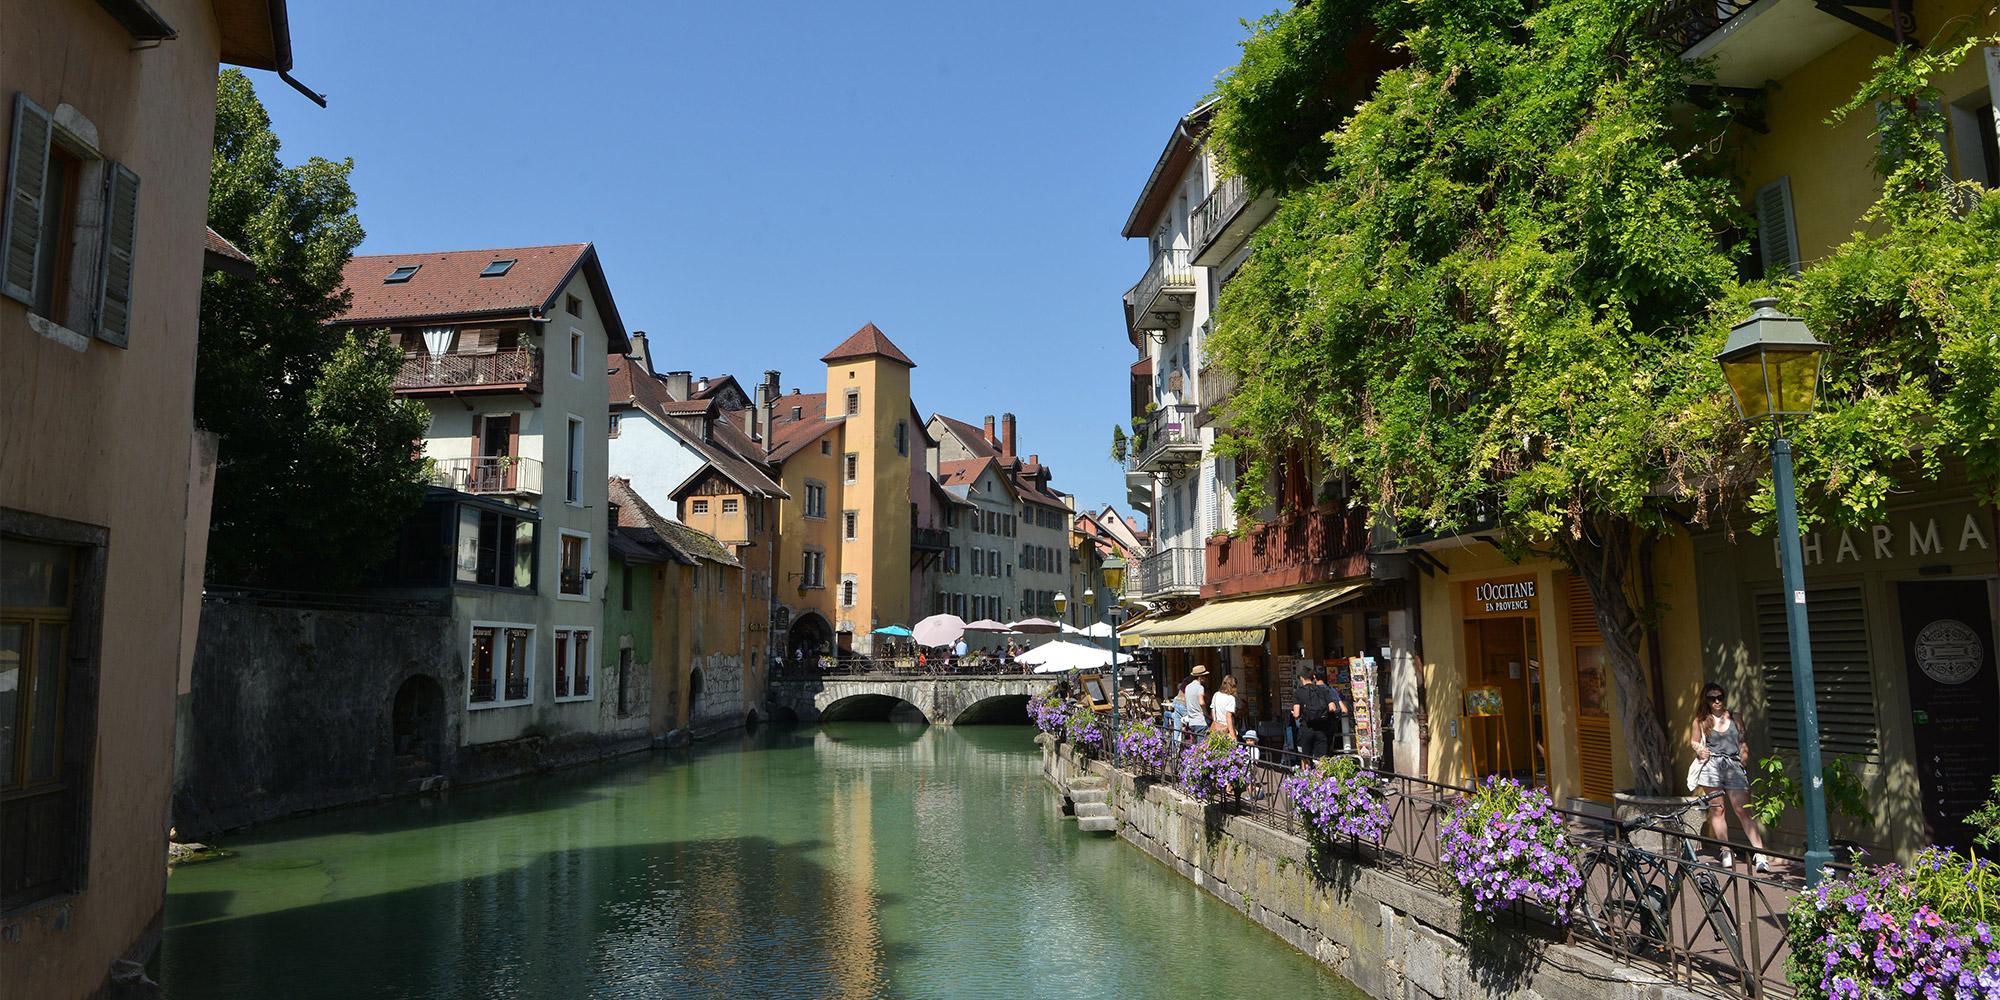 EXCLUSIF. Le classement 2021 des villes et villages où l'on vit le mieux en France